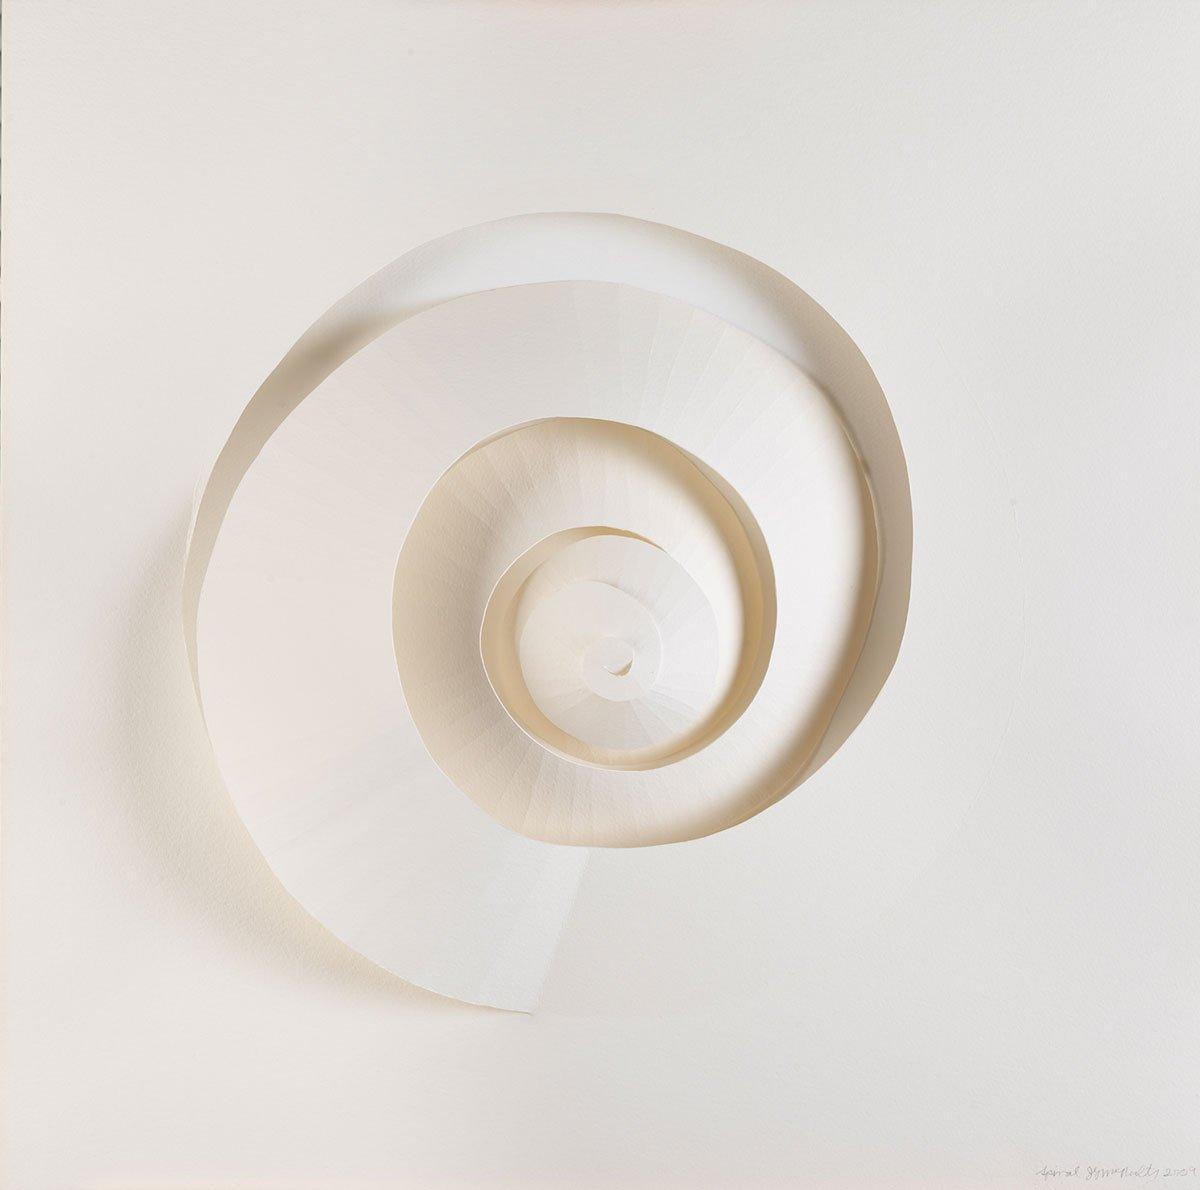 16_Spiral-2009 (S1)